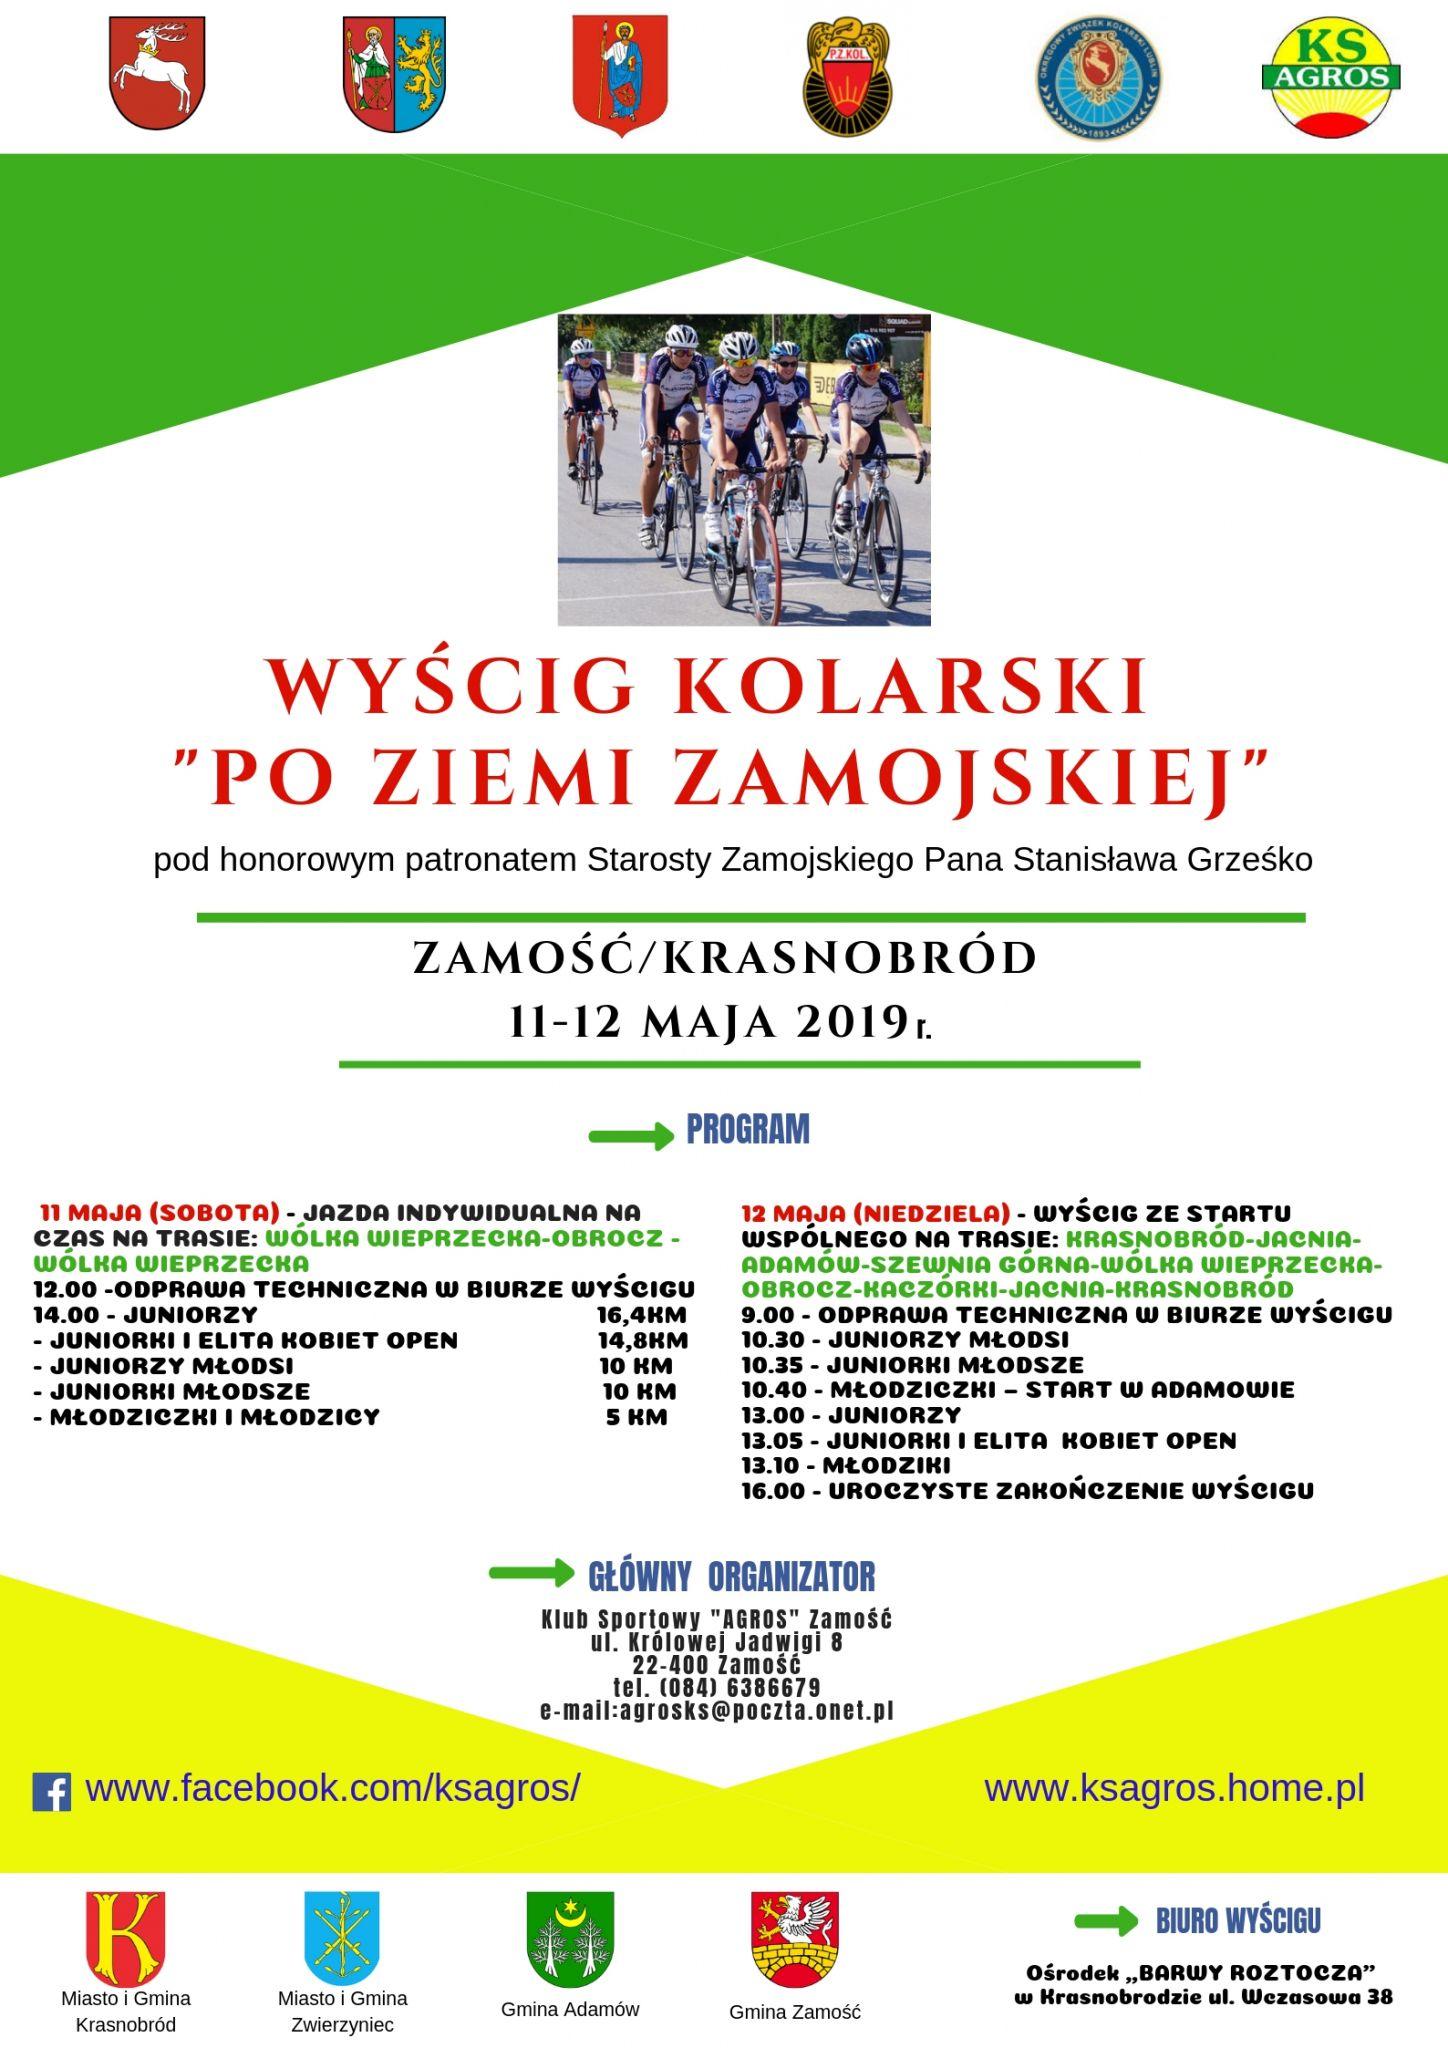 plakat Wyścig kolarski utrudni ruch na drogach Zamojszczyzny.